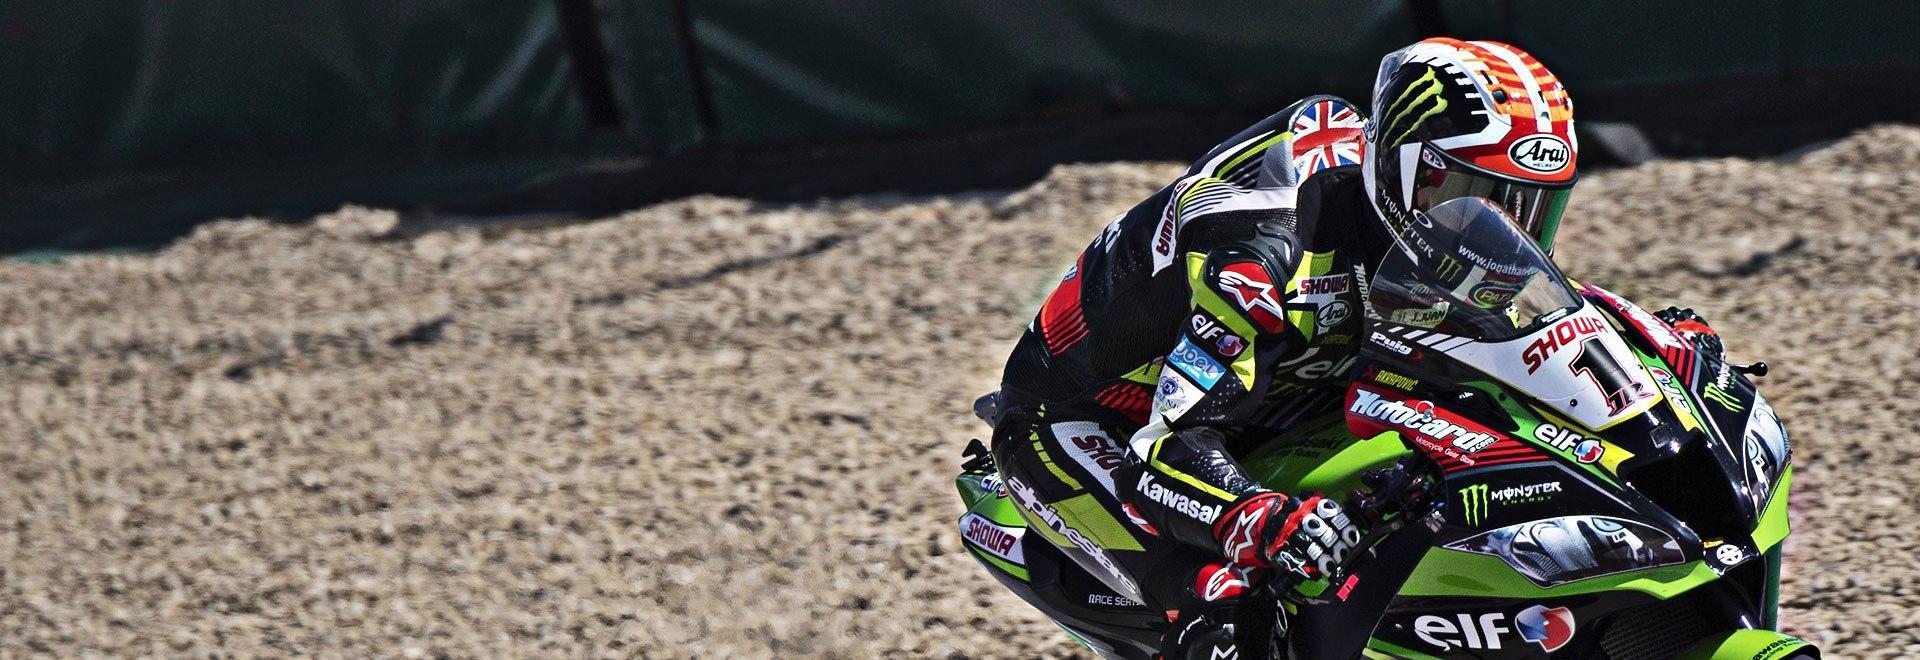 Qatar. Race 1